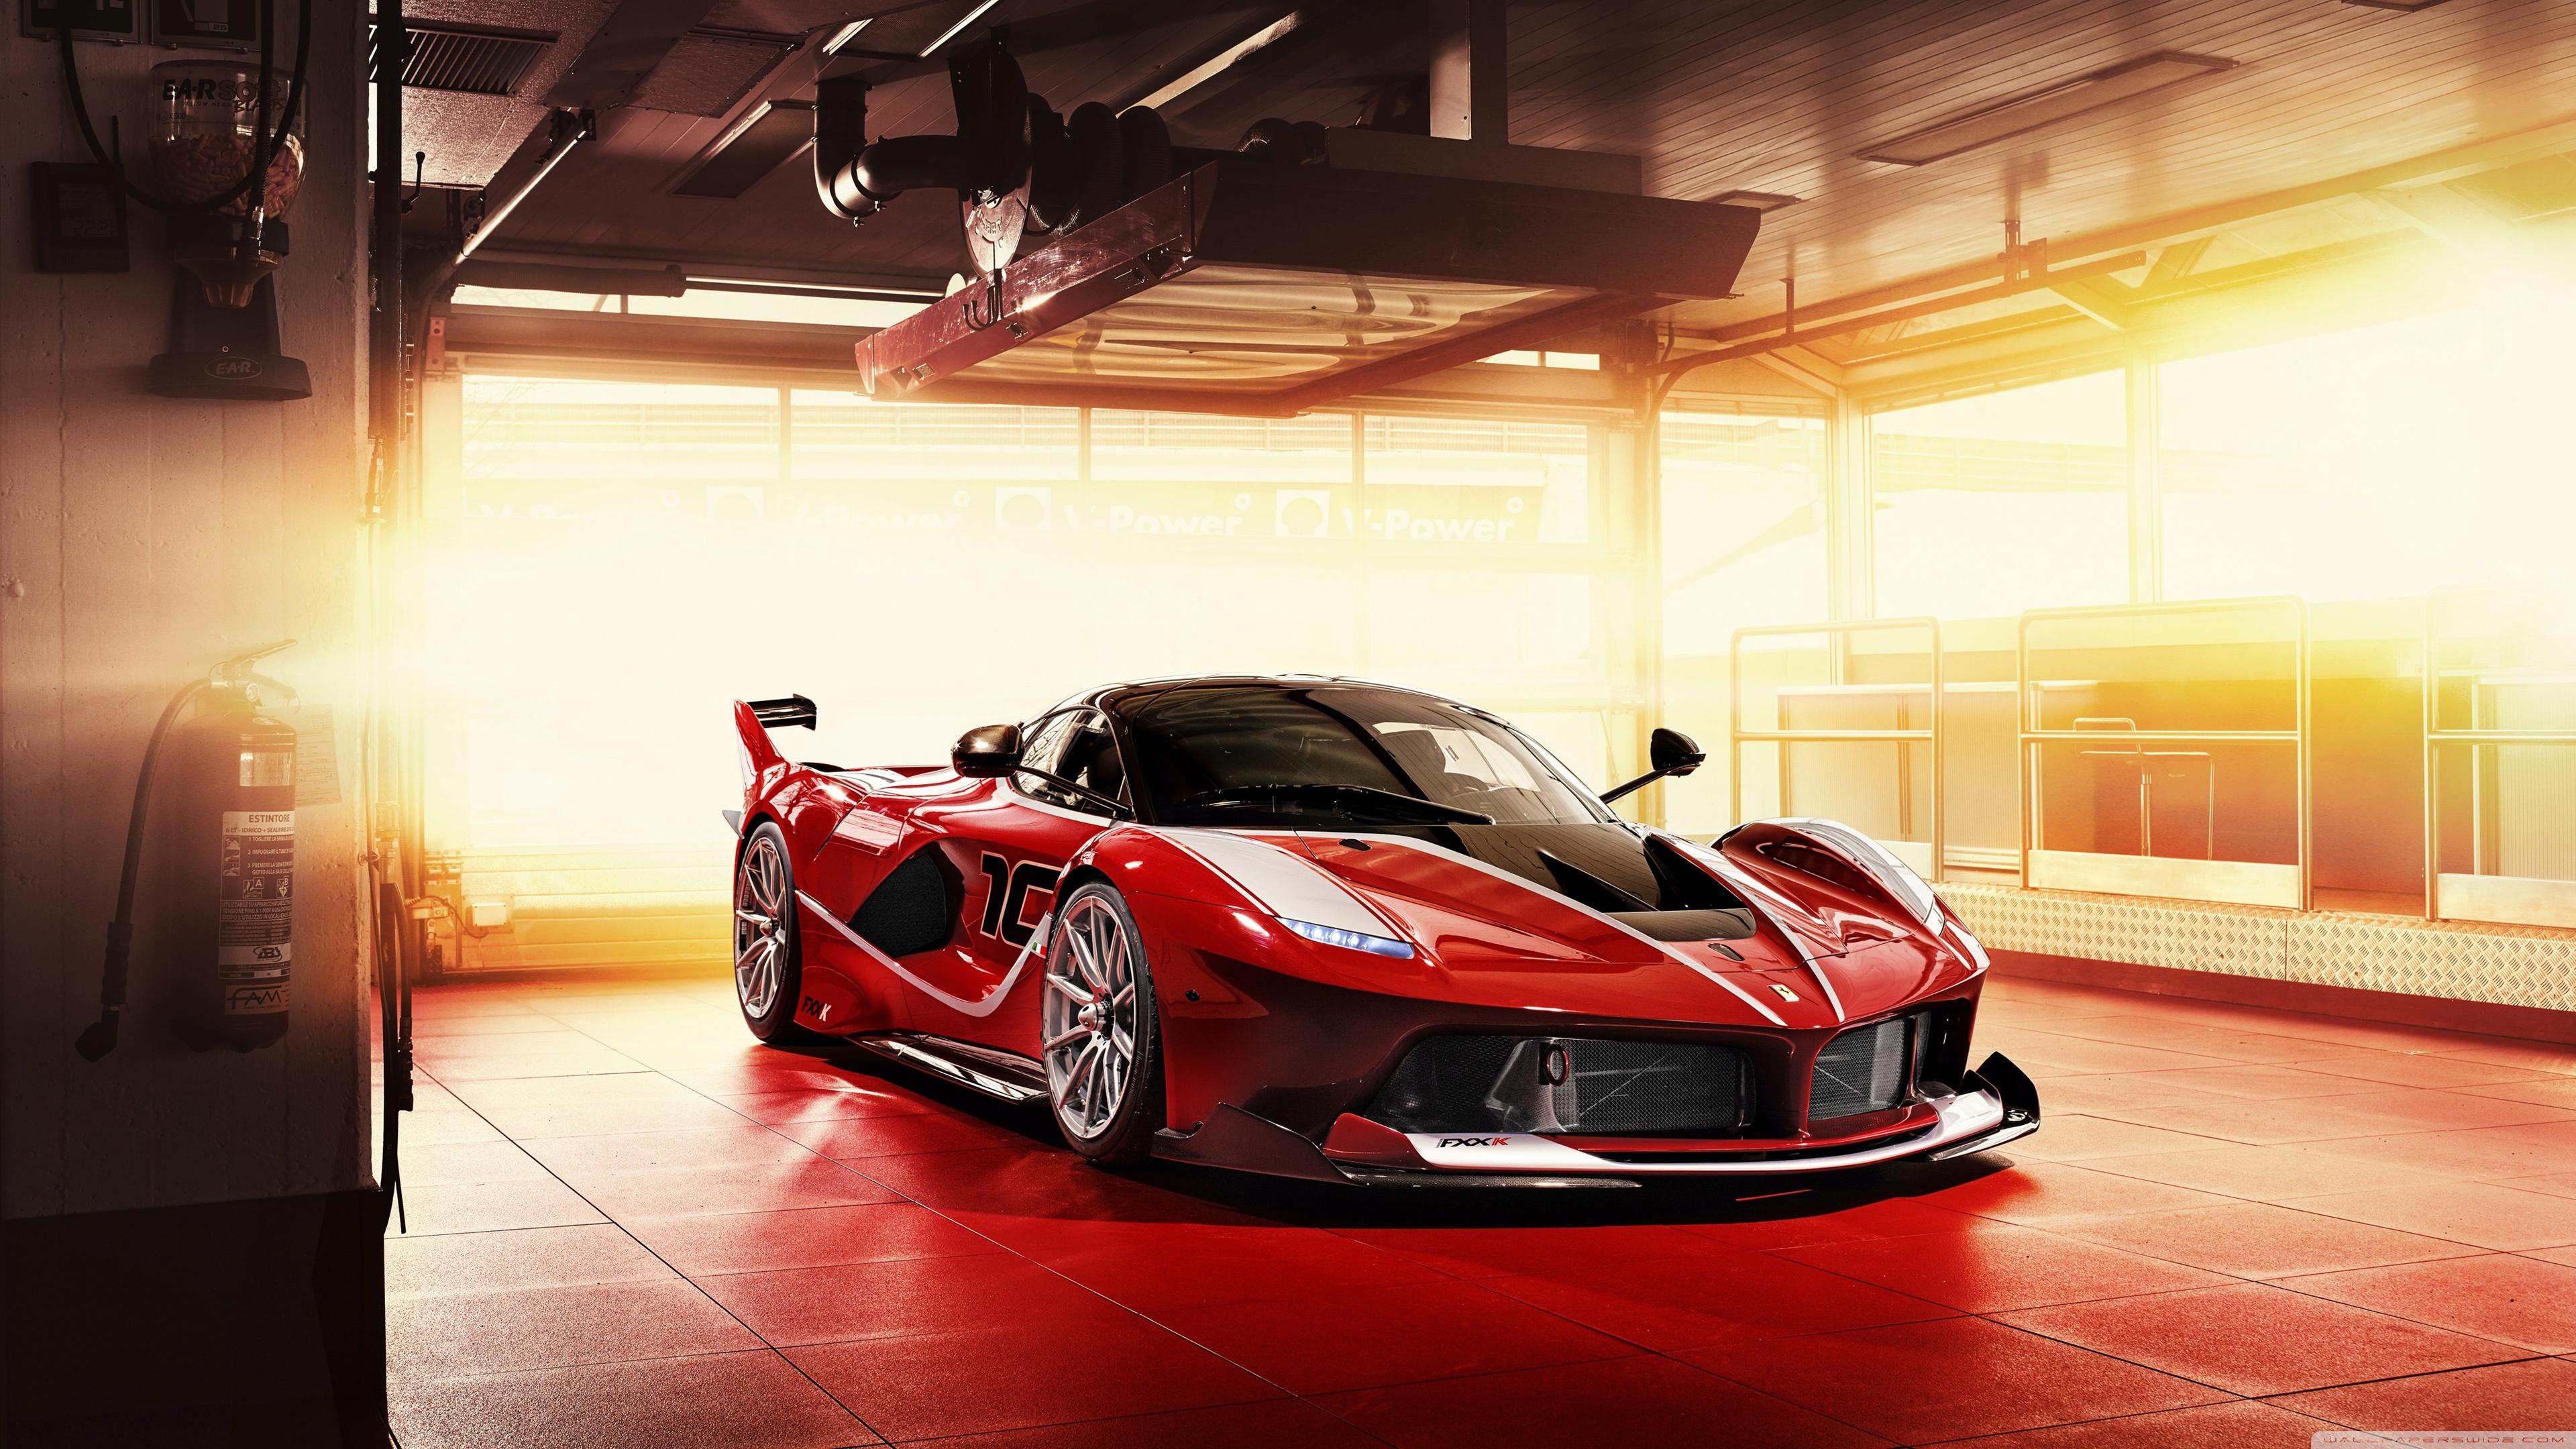 Ferrari Fxxk Wallpaper Hd 3840x2160 Wallpaper Teahub Io